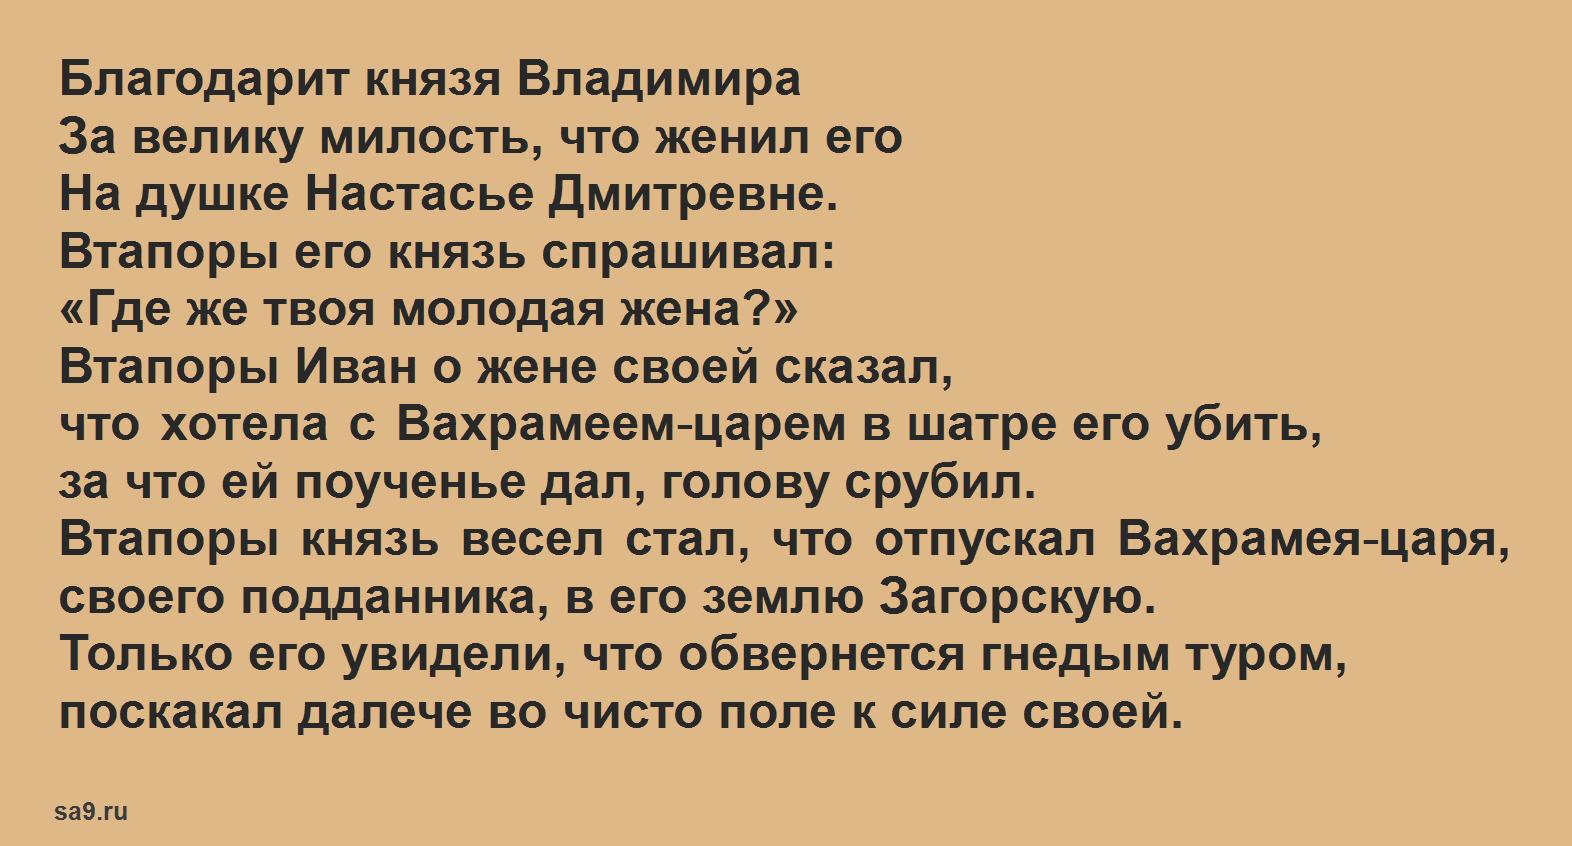 Читать русскую народную былину - Иван Годинович